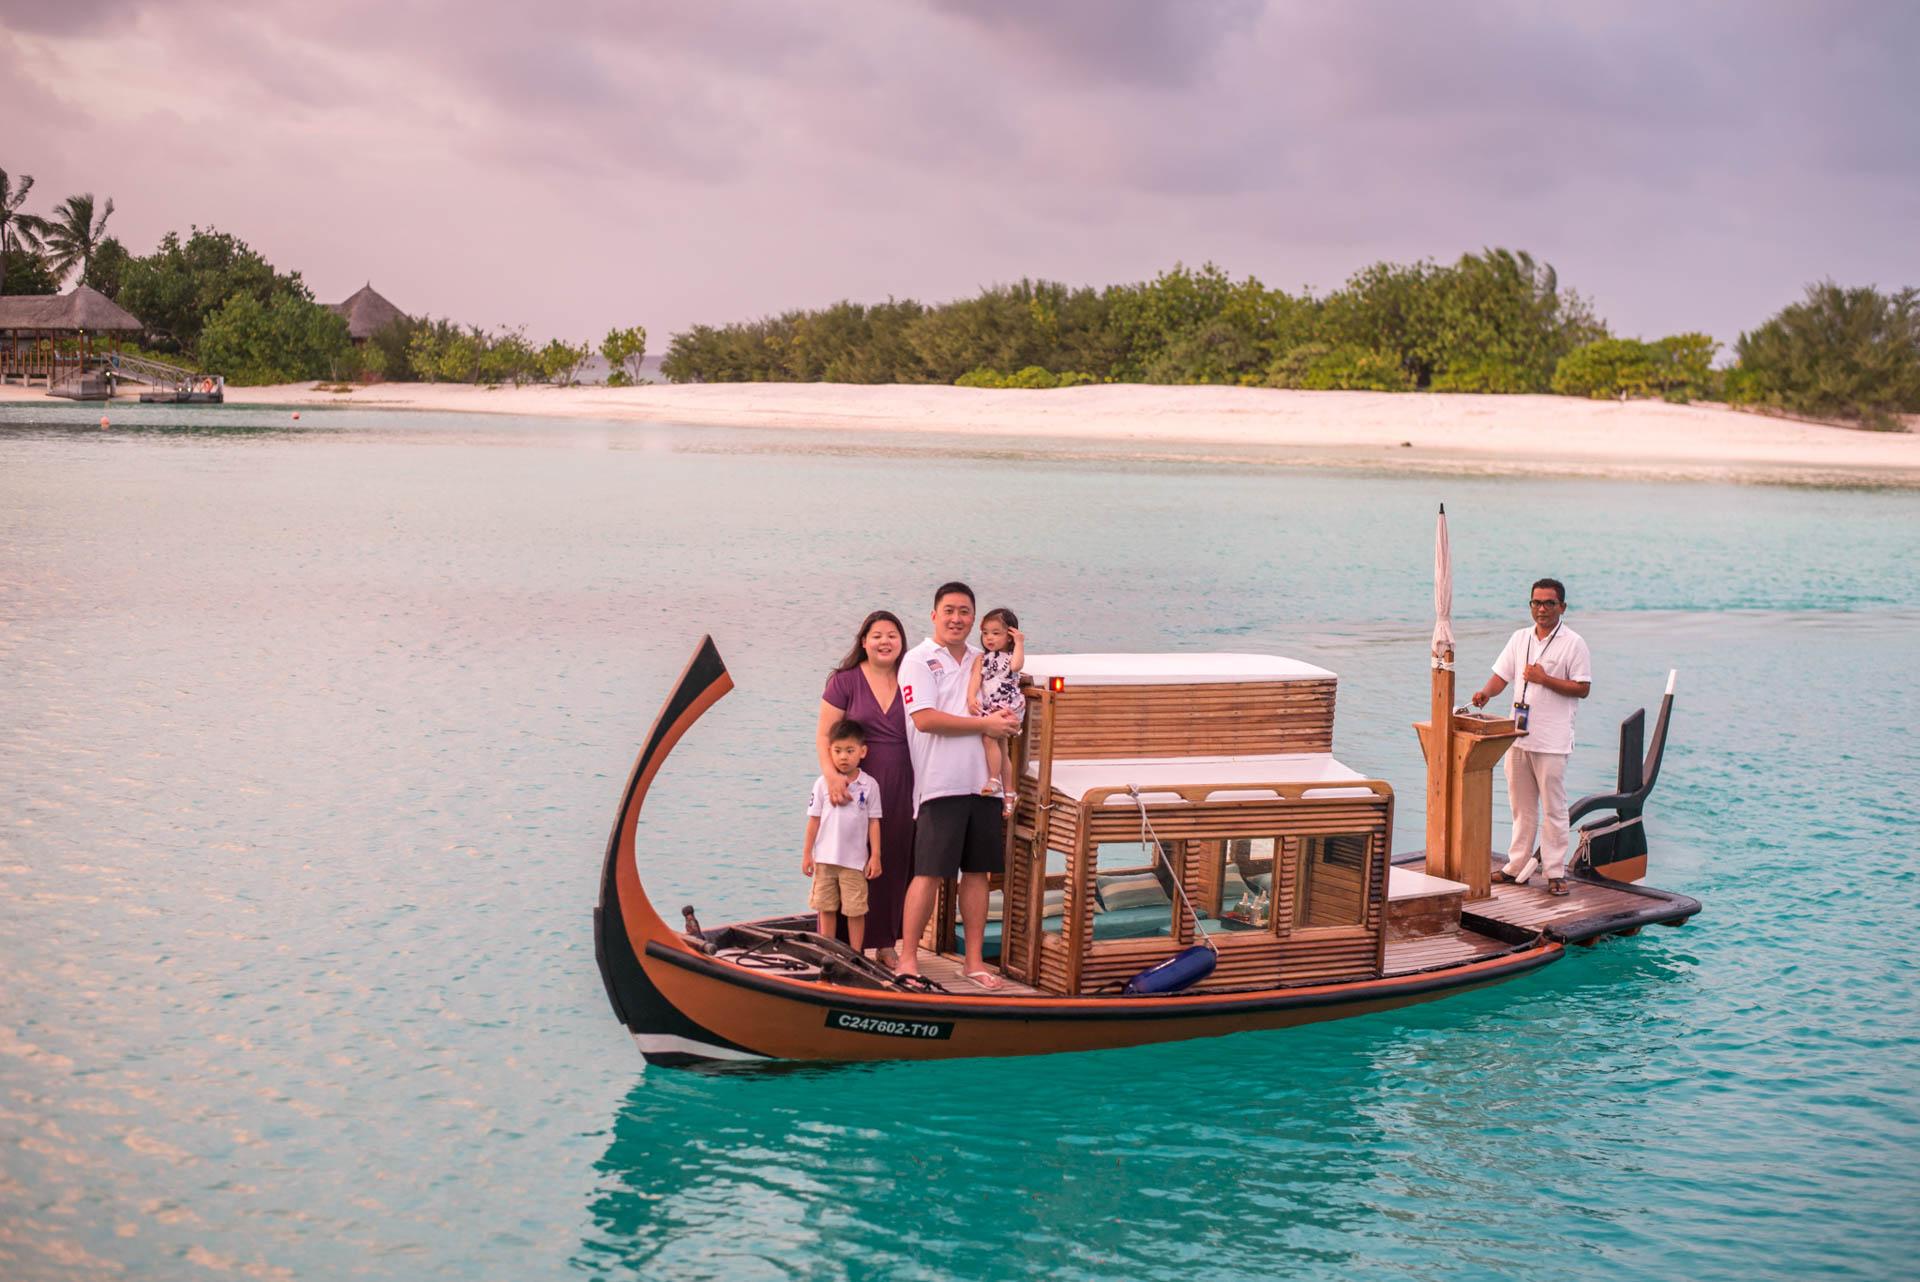 Rosa Family at Four seaons Maldives 65